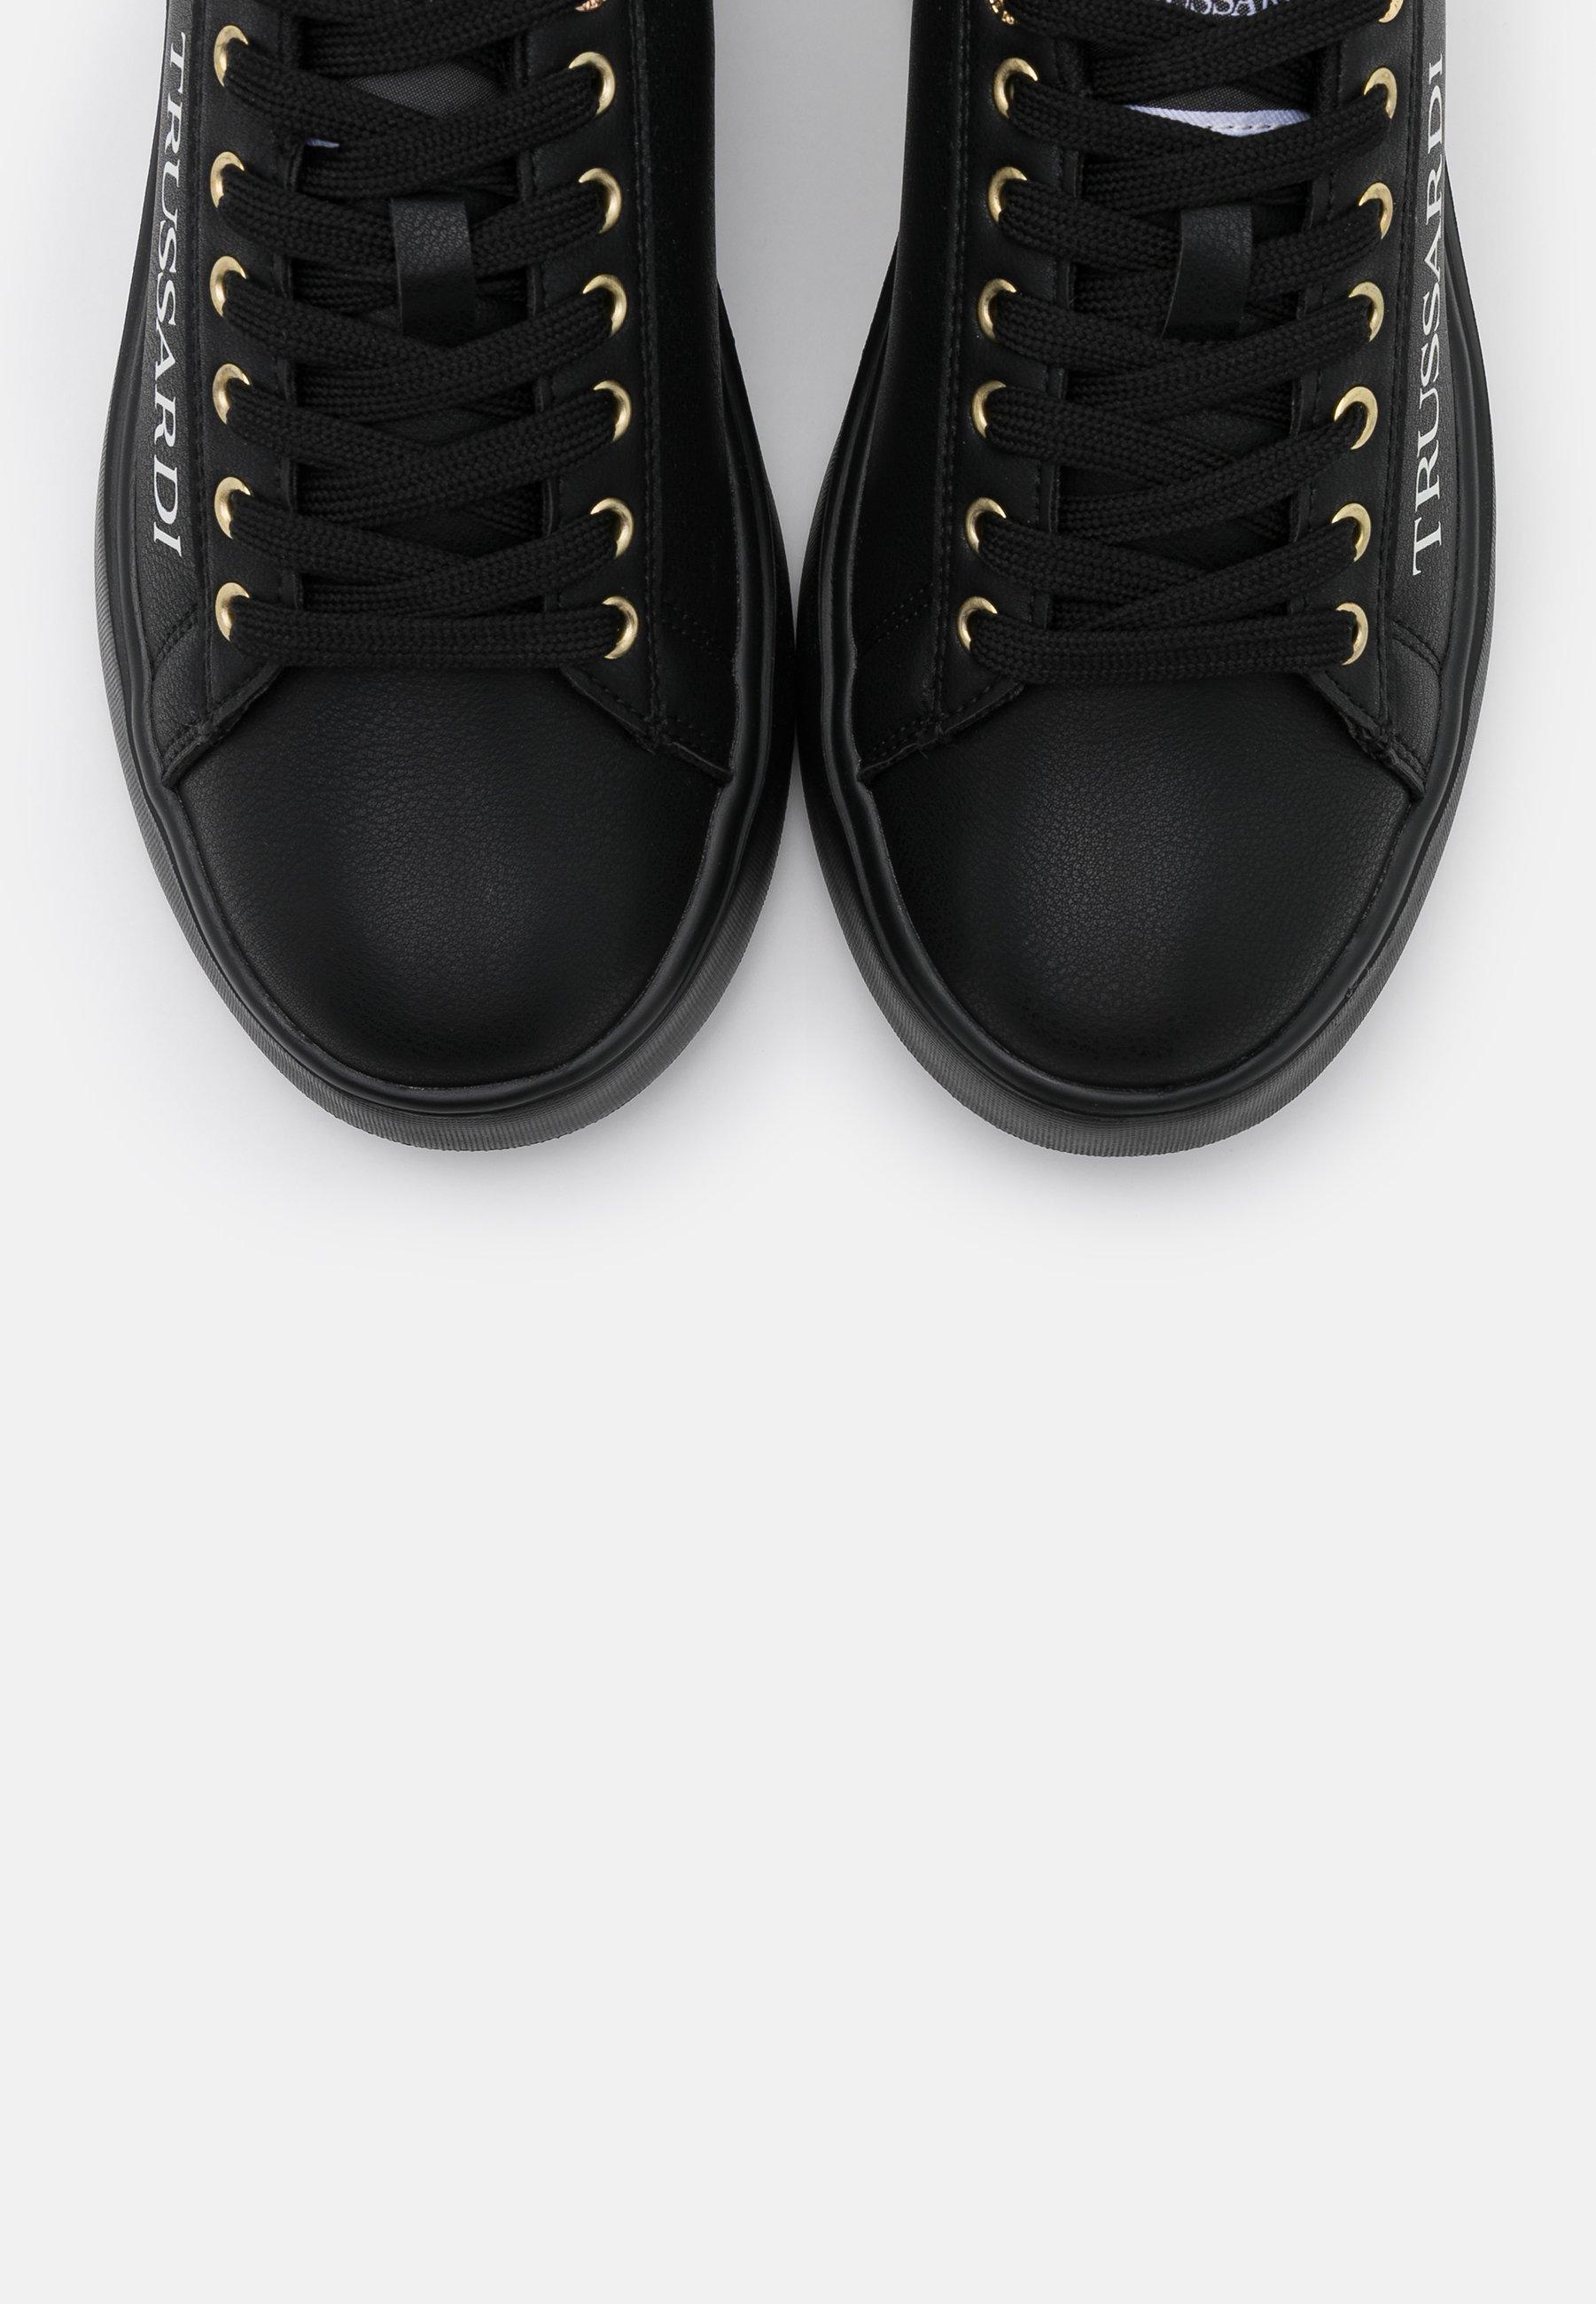 Trussardi YRIAS LOGO PRINT Sneaker low grey/black/schwarz